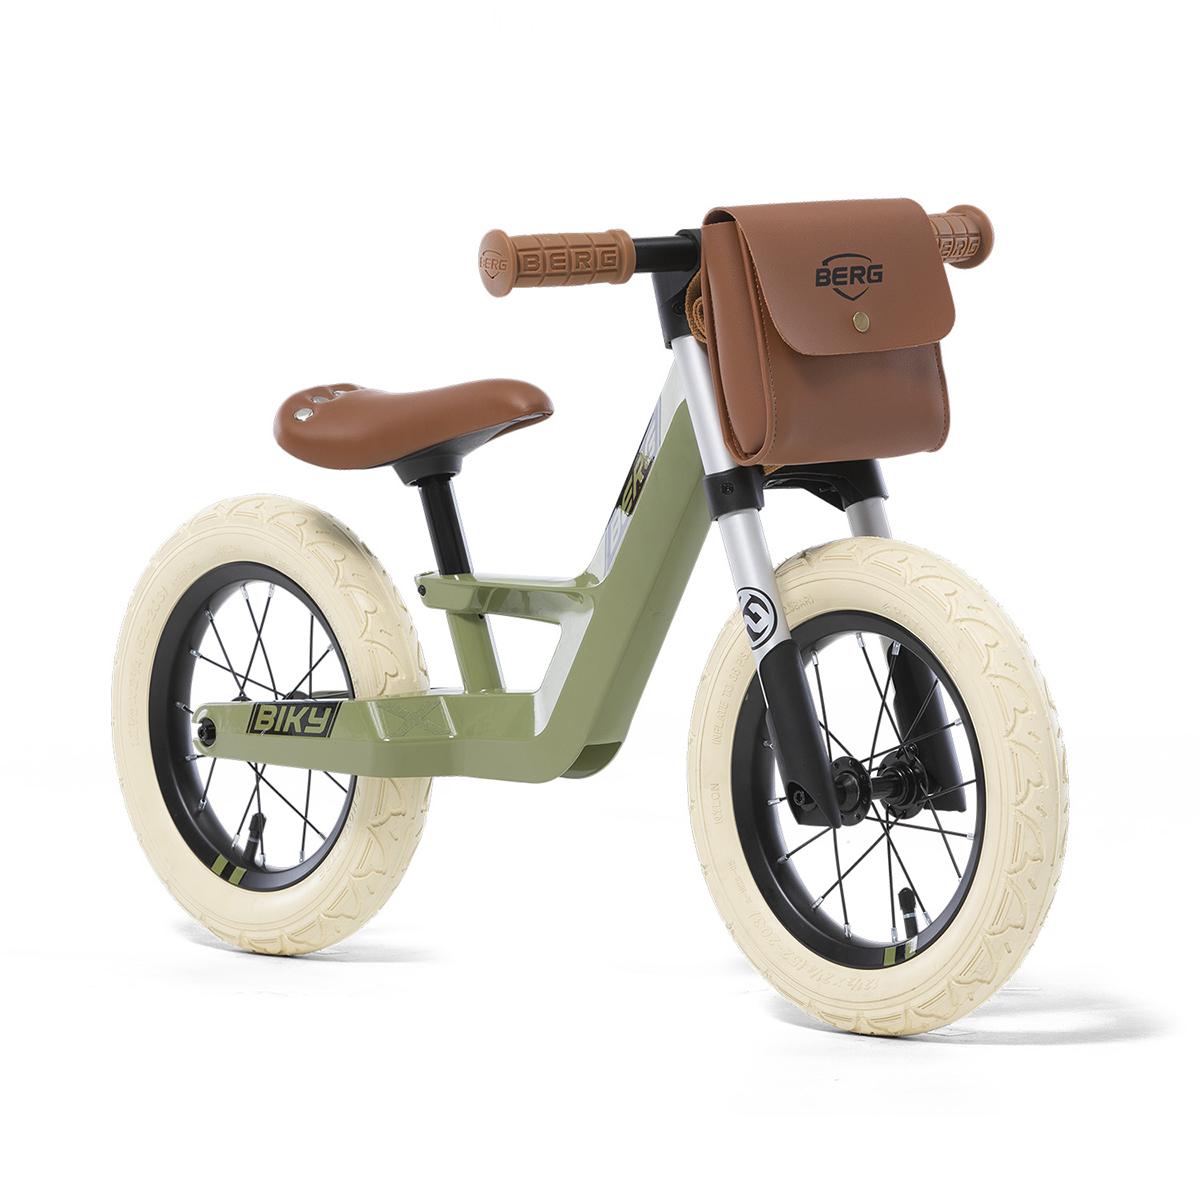 Draisienne Berg Biky Retro Vert - De 2,5 à 5 ans